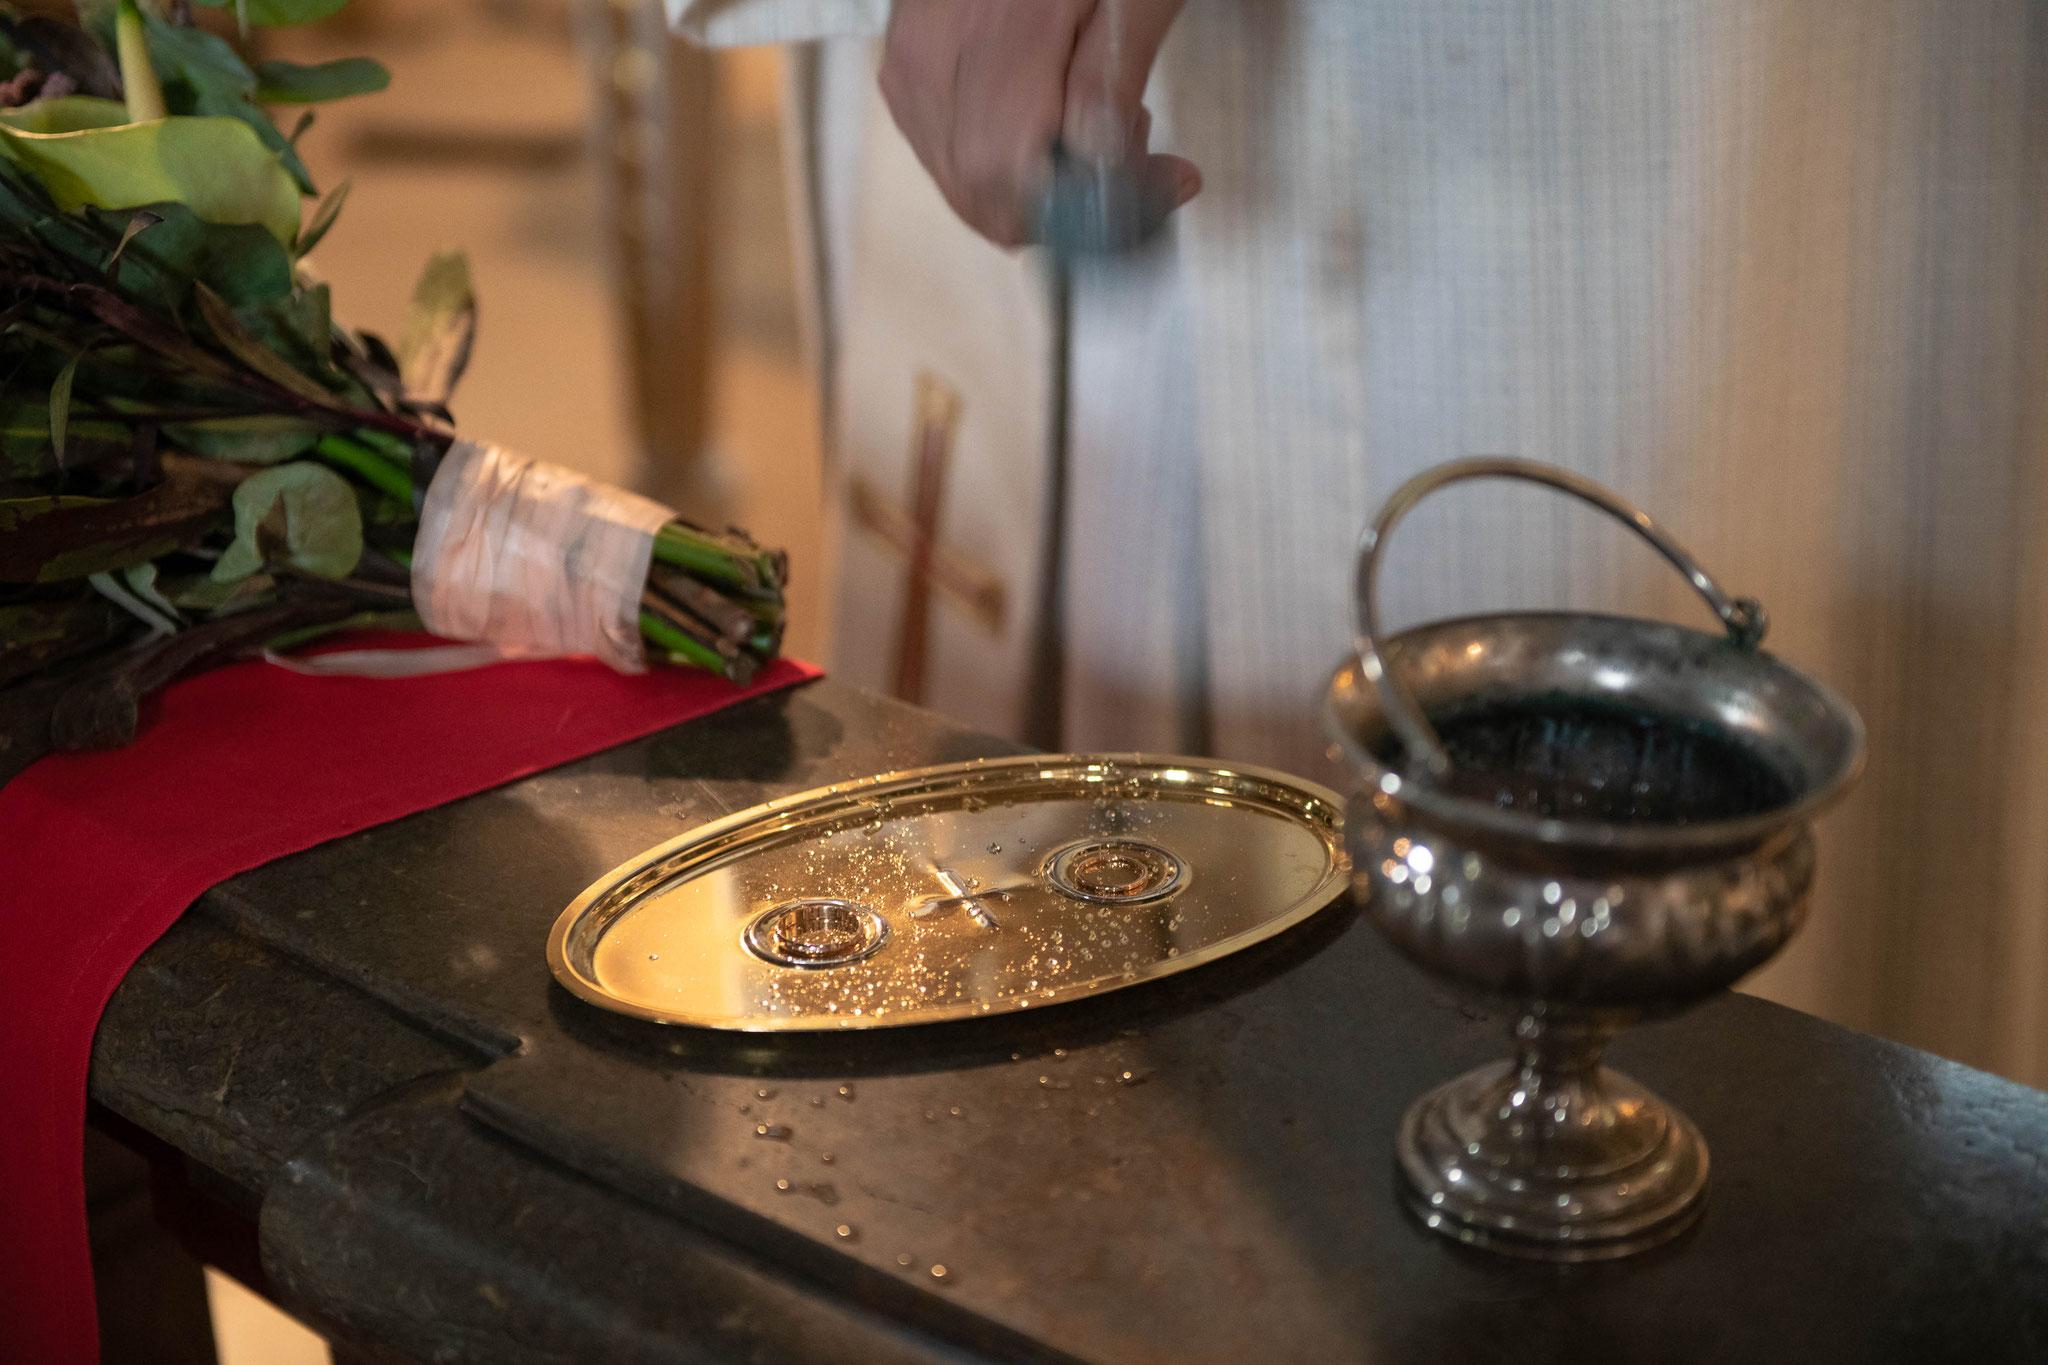 Hochzeitsfotografie während der Trauung in der Kirche Käppele Wallfahrtskirche in Würzburg